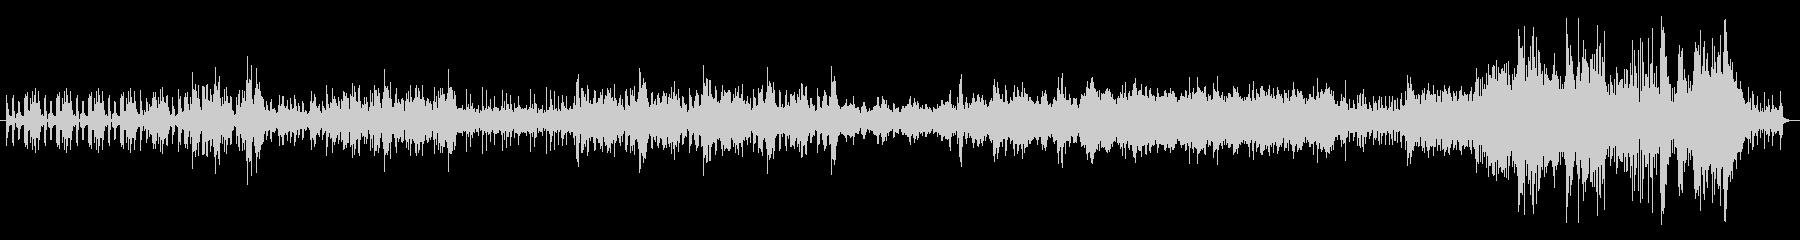 工業騒音で作った曲の未再生の波形